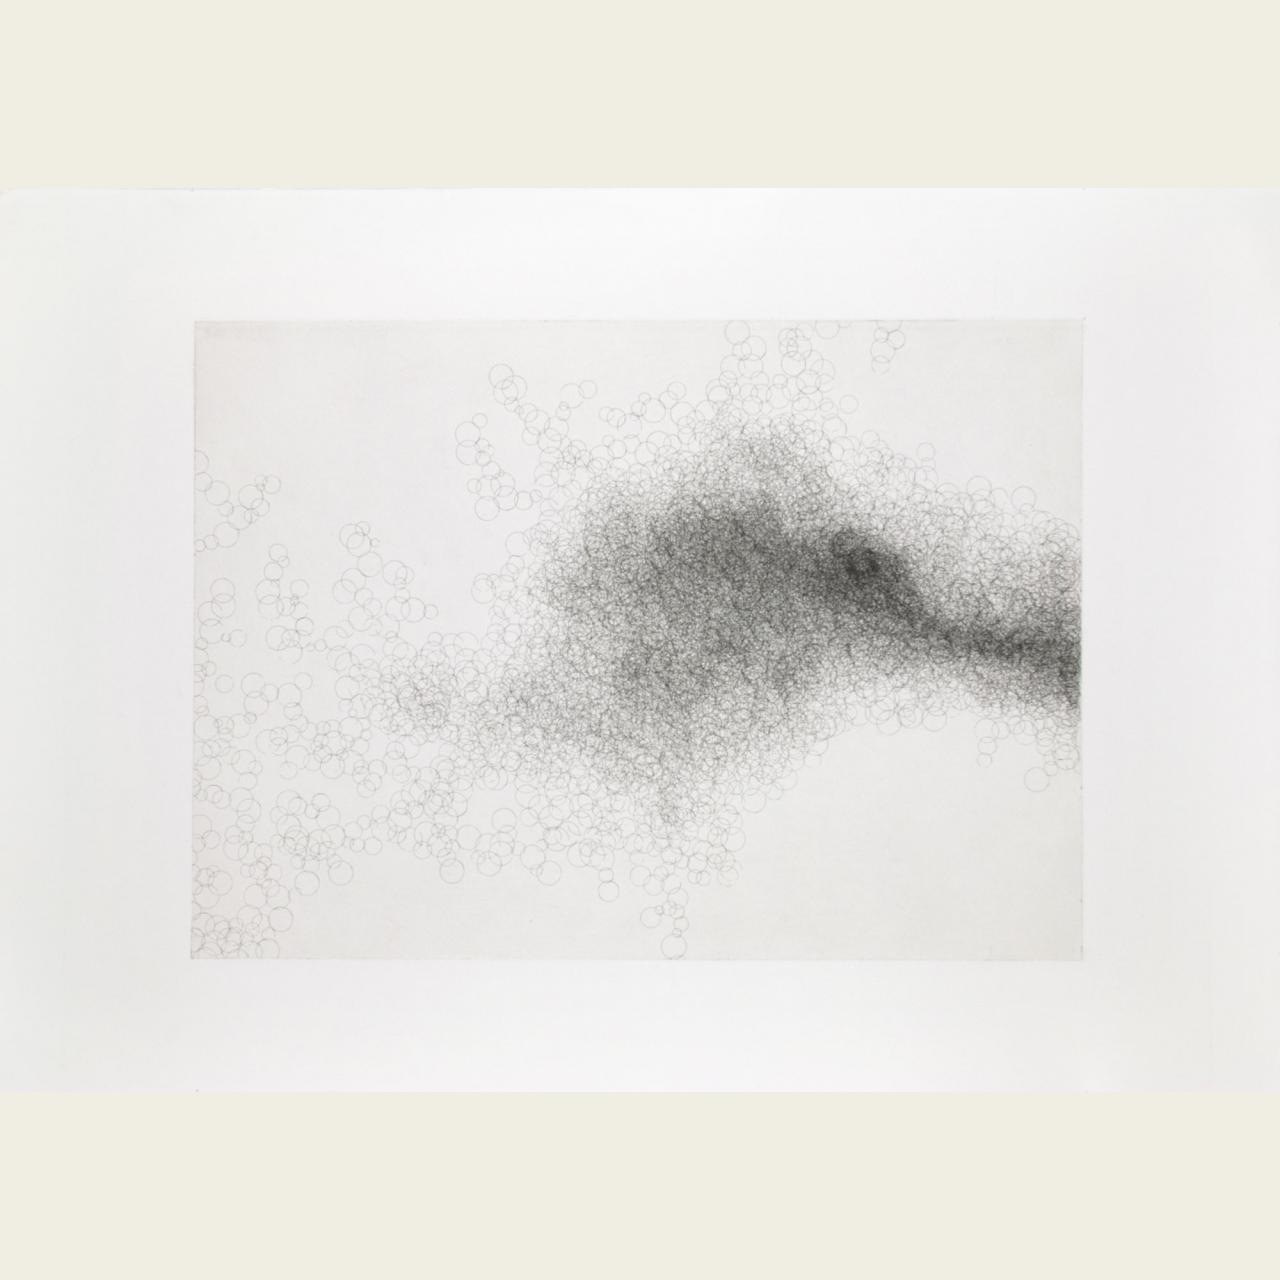 untitled/21893 circles/no1